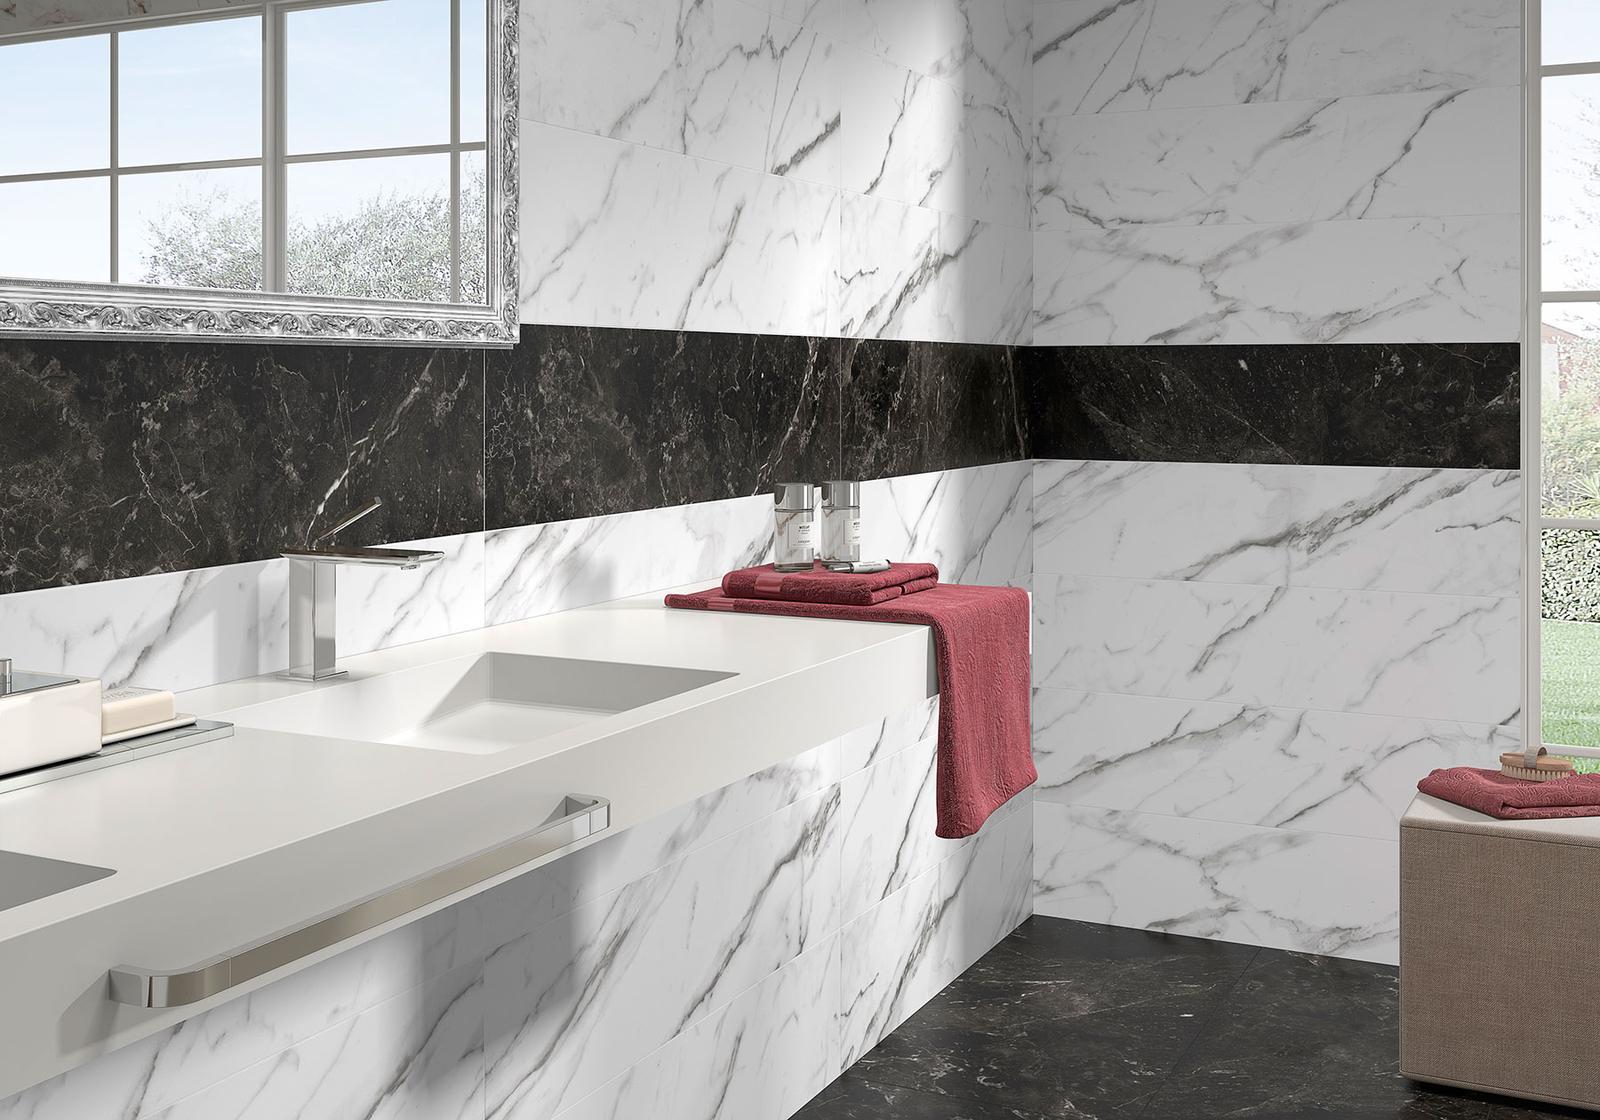 Luxusné kúpelne zo Španielska - dizajnová kúpeľňa Venezia Bianco 49,1x98,2